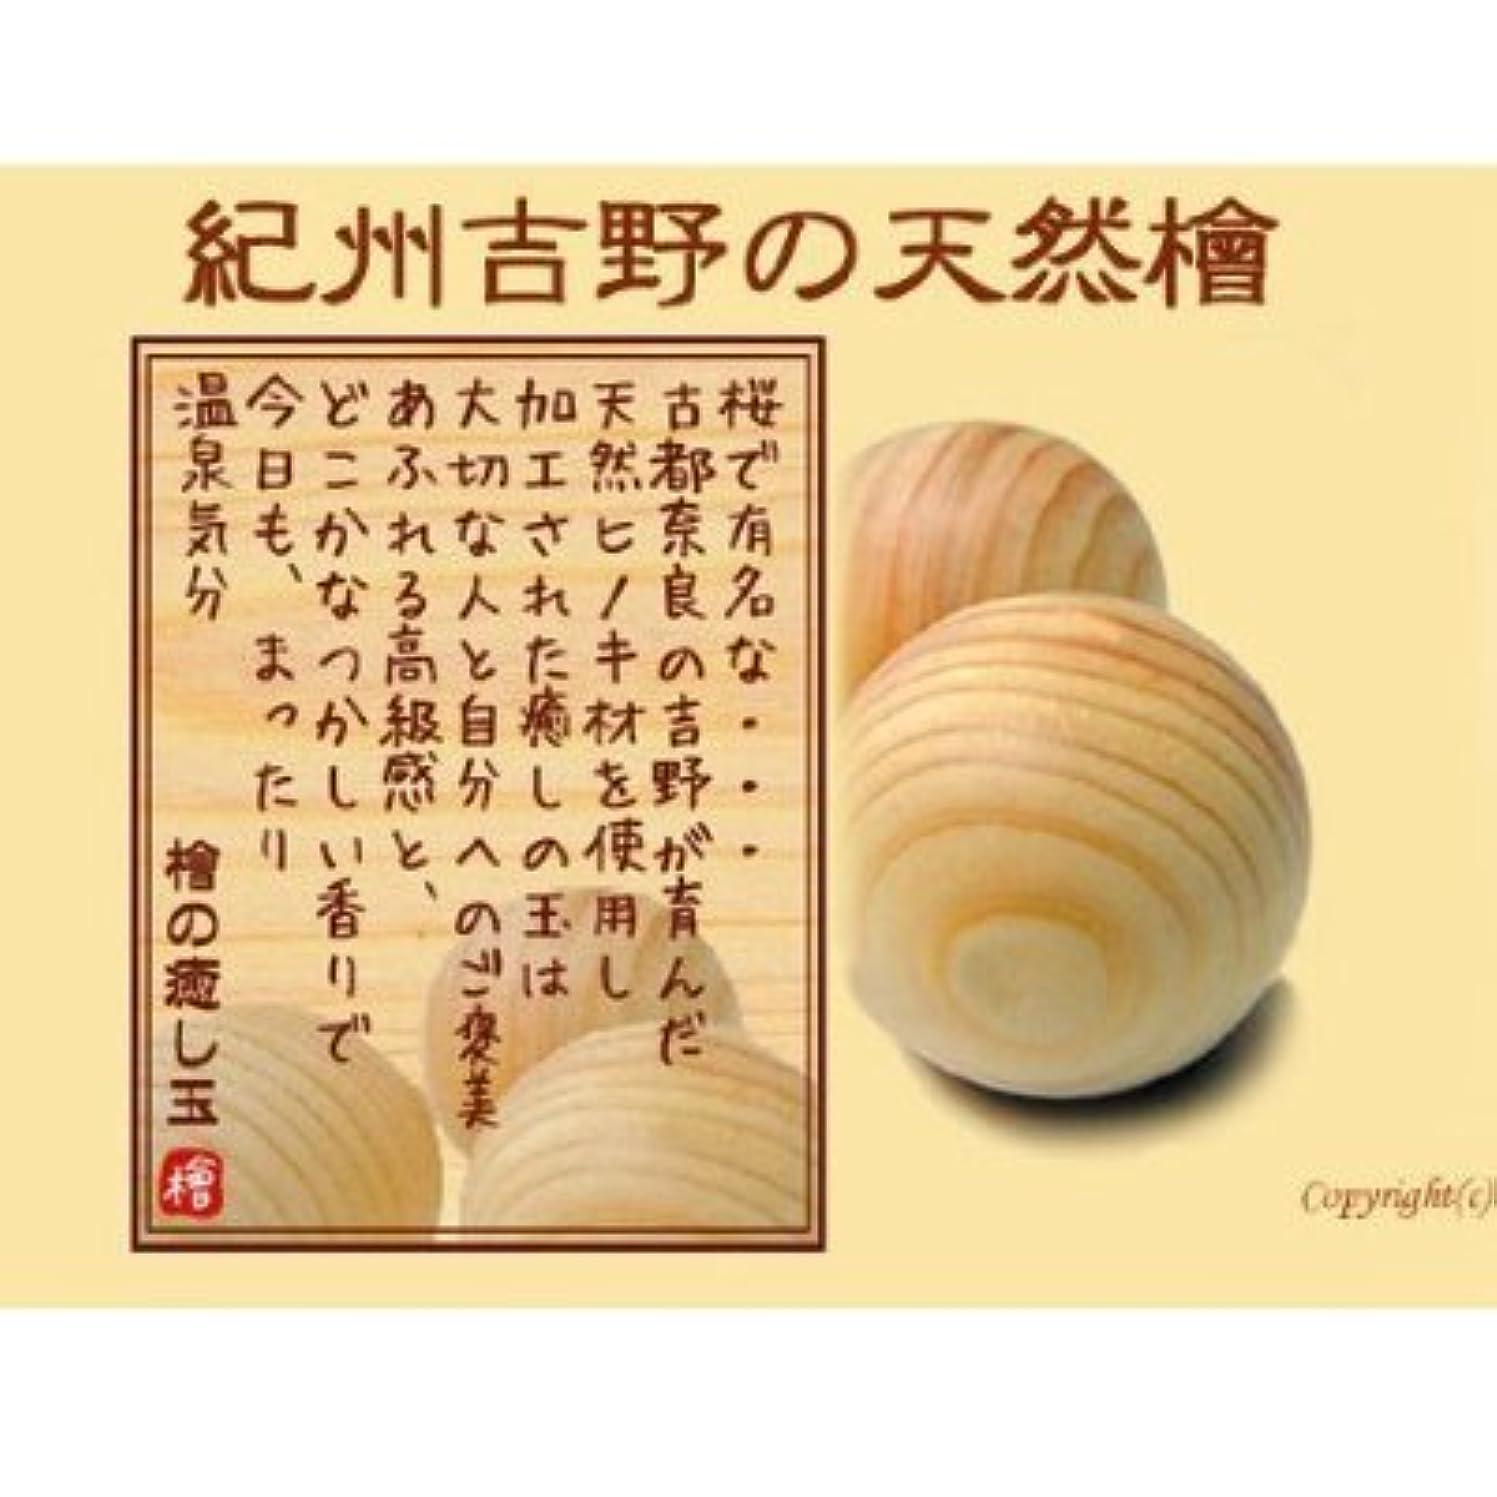 識別する挽く誤って古都奈良の吉野が育んだ天然ヒノキ【檜の癒し玉10袋】入浴剤